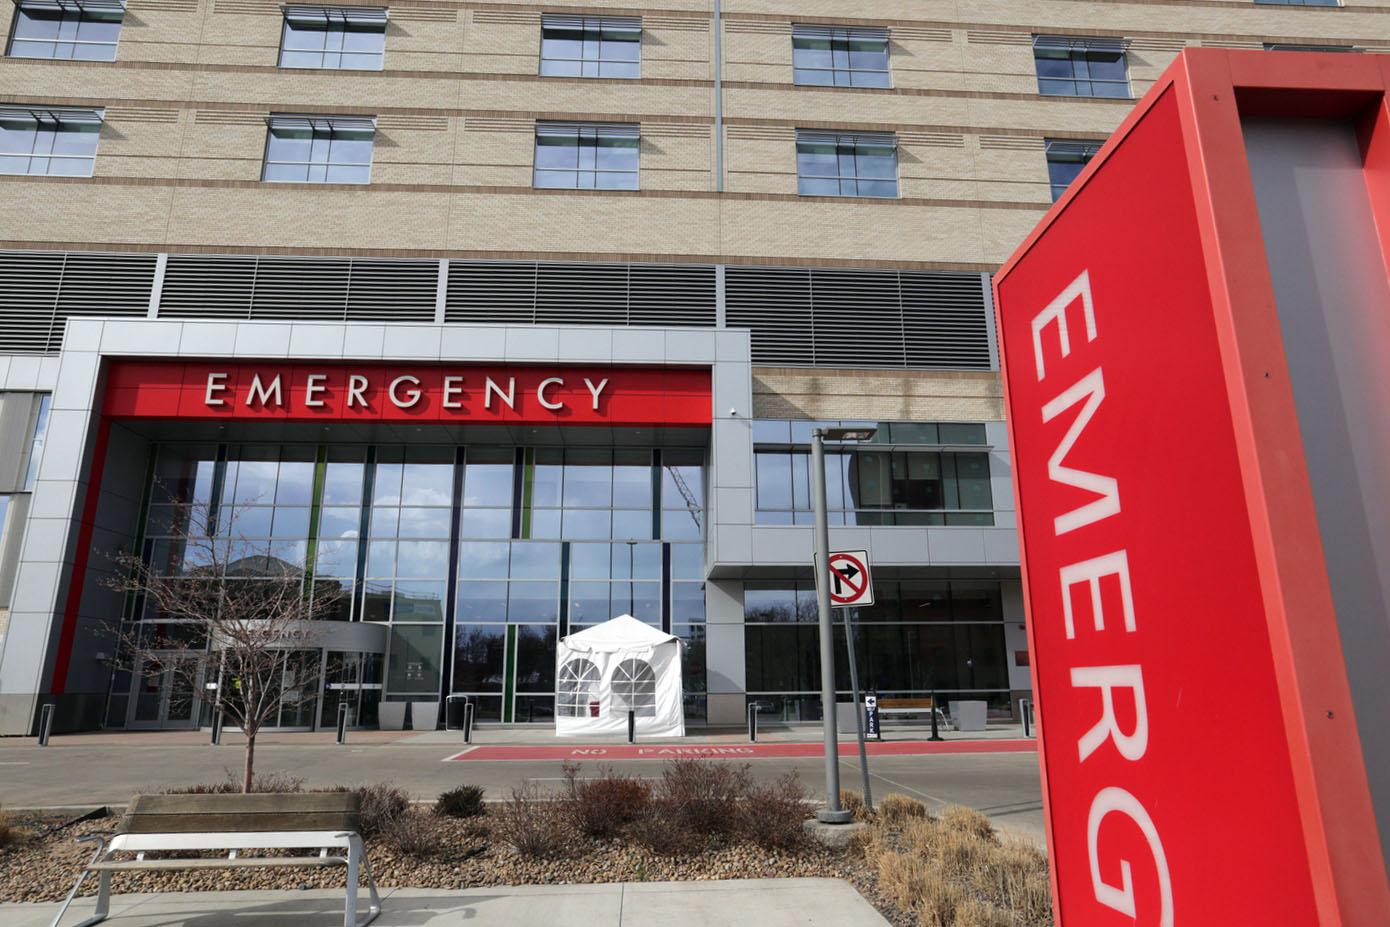 National Jewish Health/St. Joseph's Hospital ER entrance in Denver